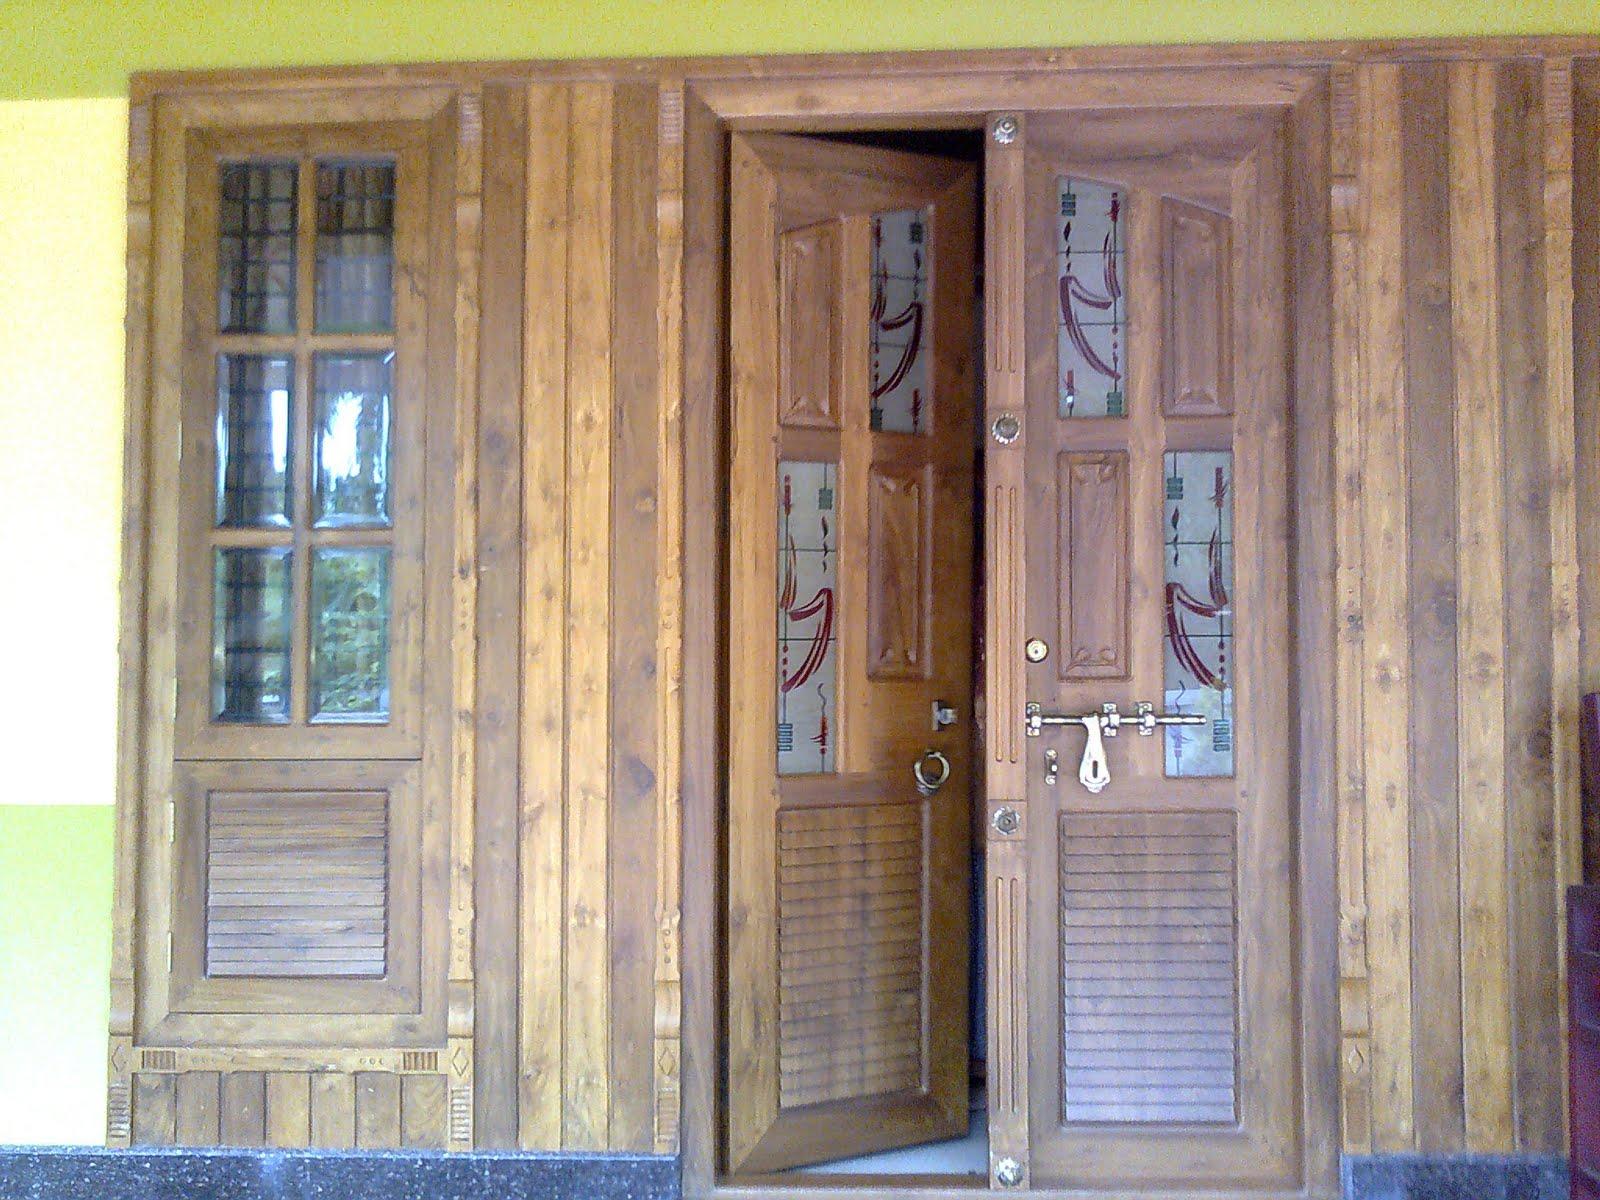 1200 #396592 Main Entrence Front Door (Double Door) With Wooden Wall Panelling pic Front Doors Wooden 40511600